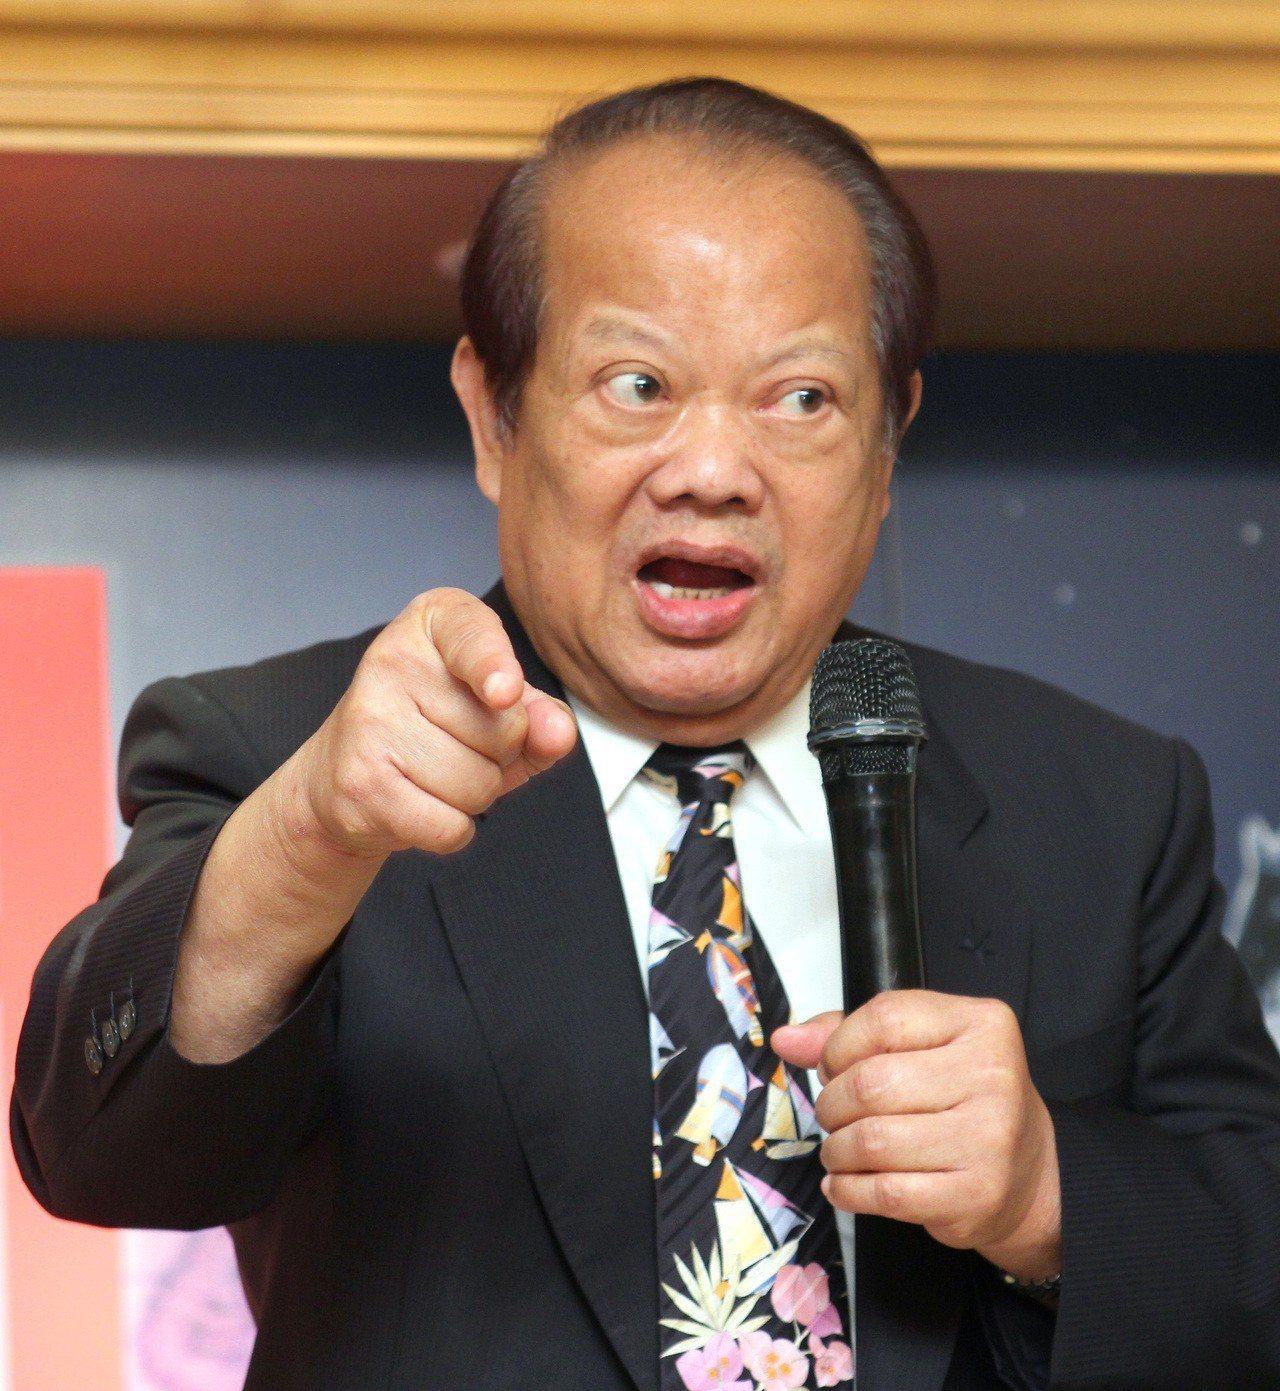 前高雄市長蘇南成。報系資料照